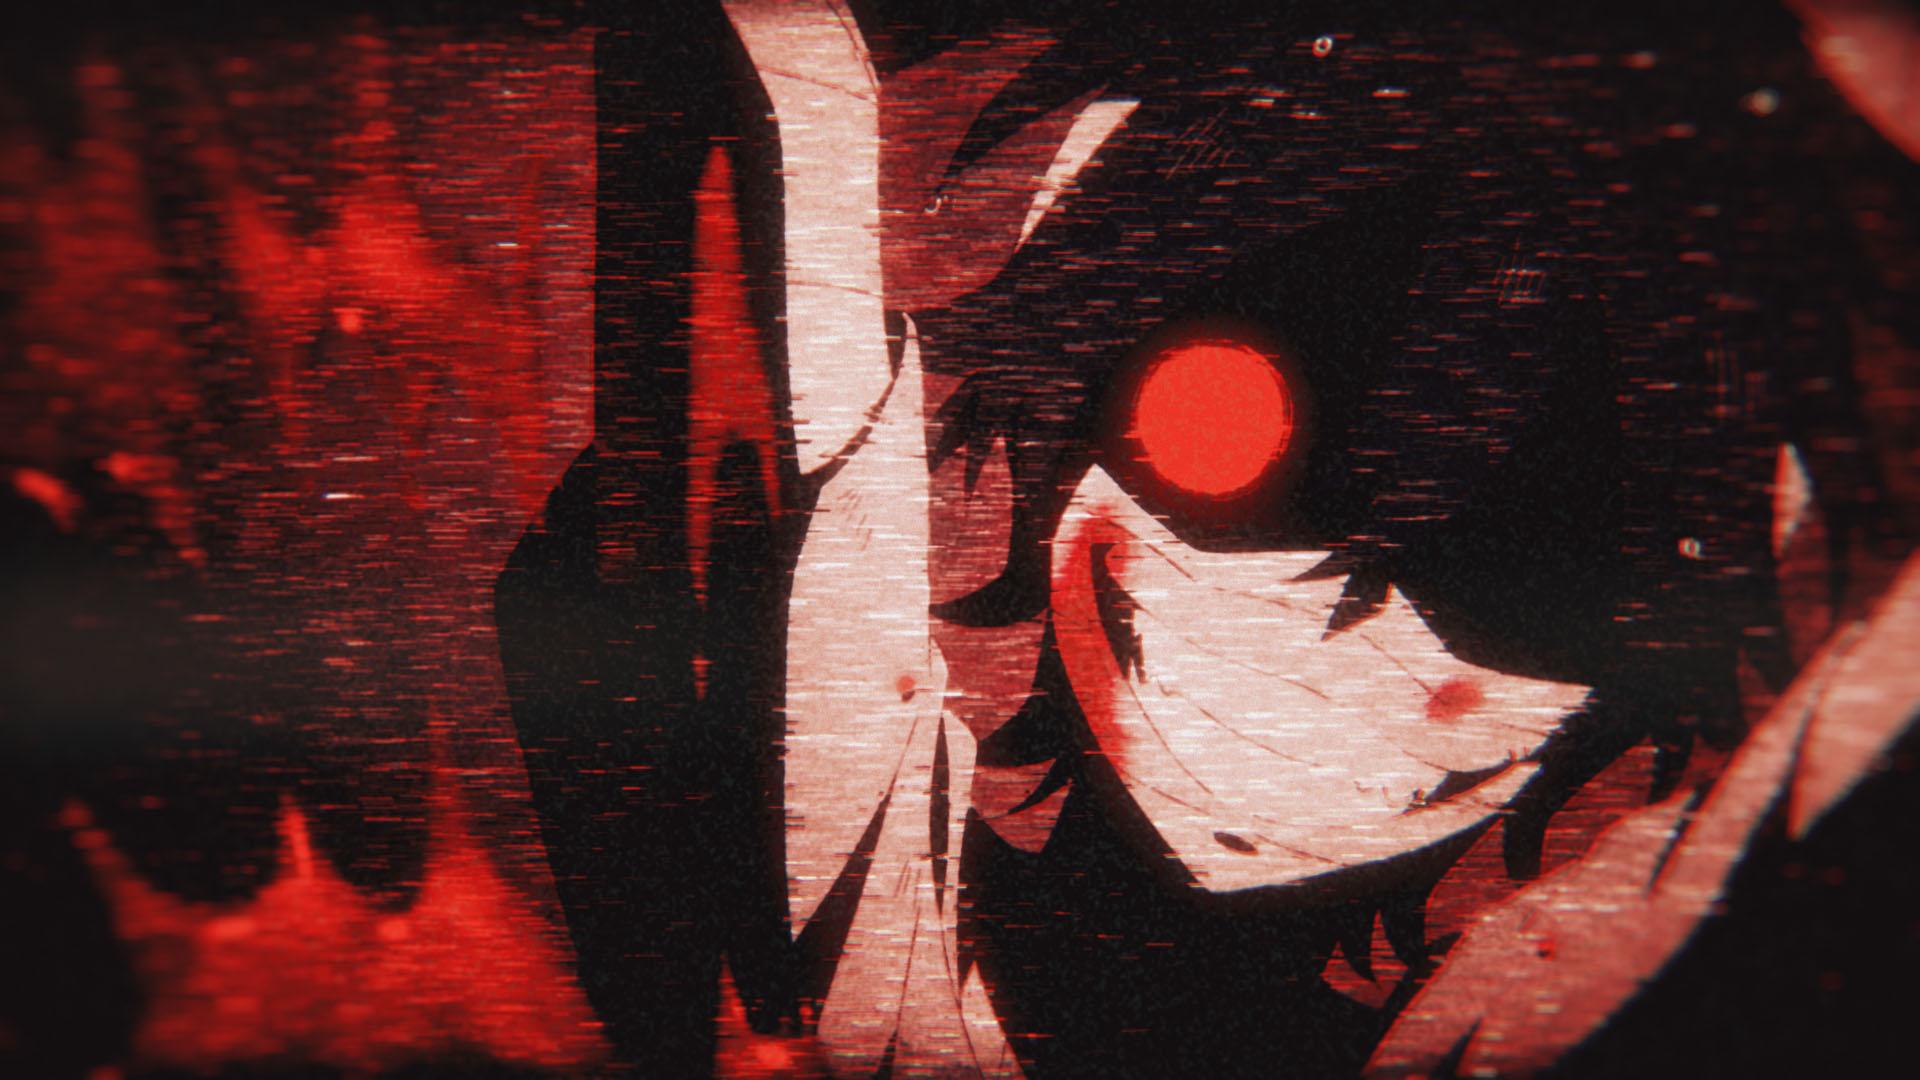 『殺戮の天使』の断罪人・「キャサリン・ワード」がバーチャルYouTuberデビュー! 声優はアニメ同様に伊瀬茉莉也さんが担当!-9